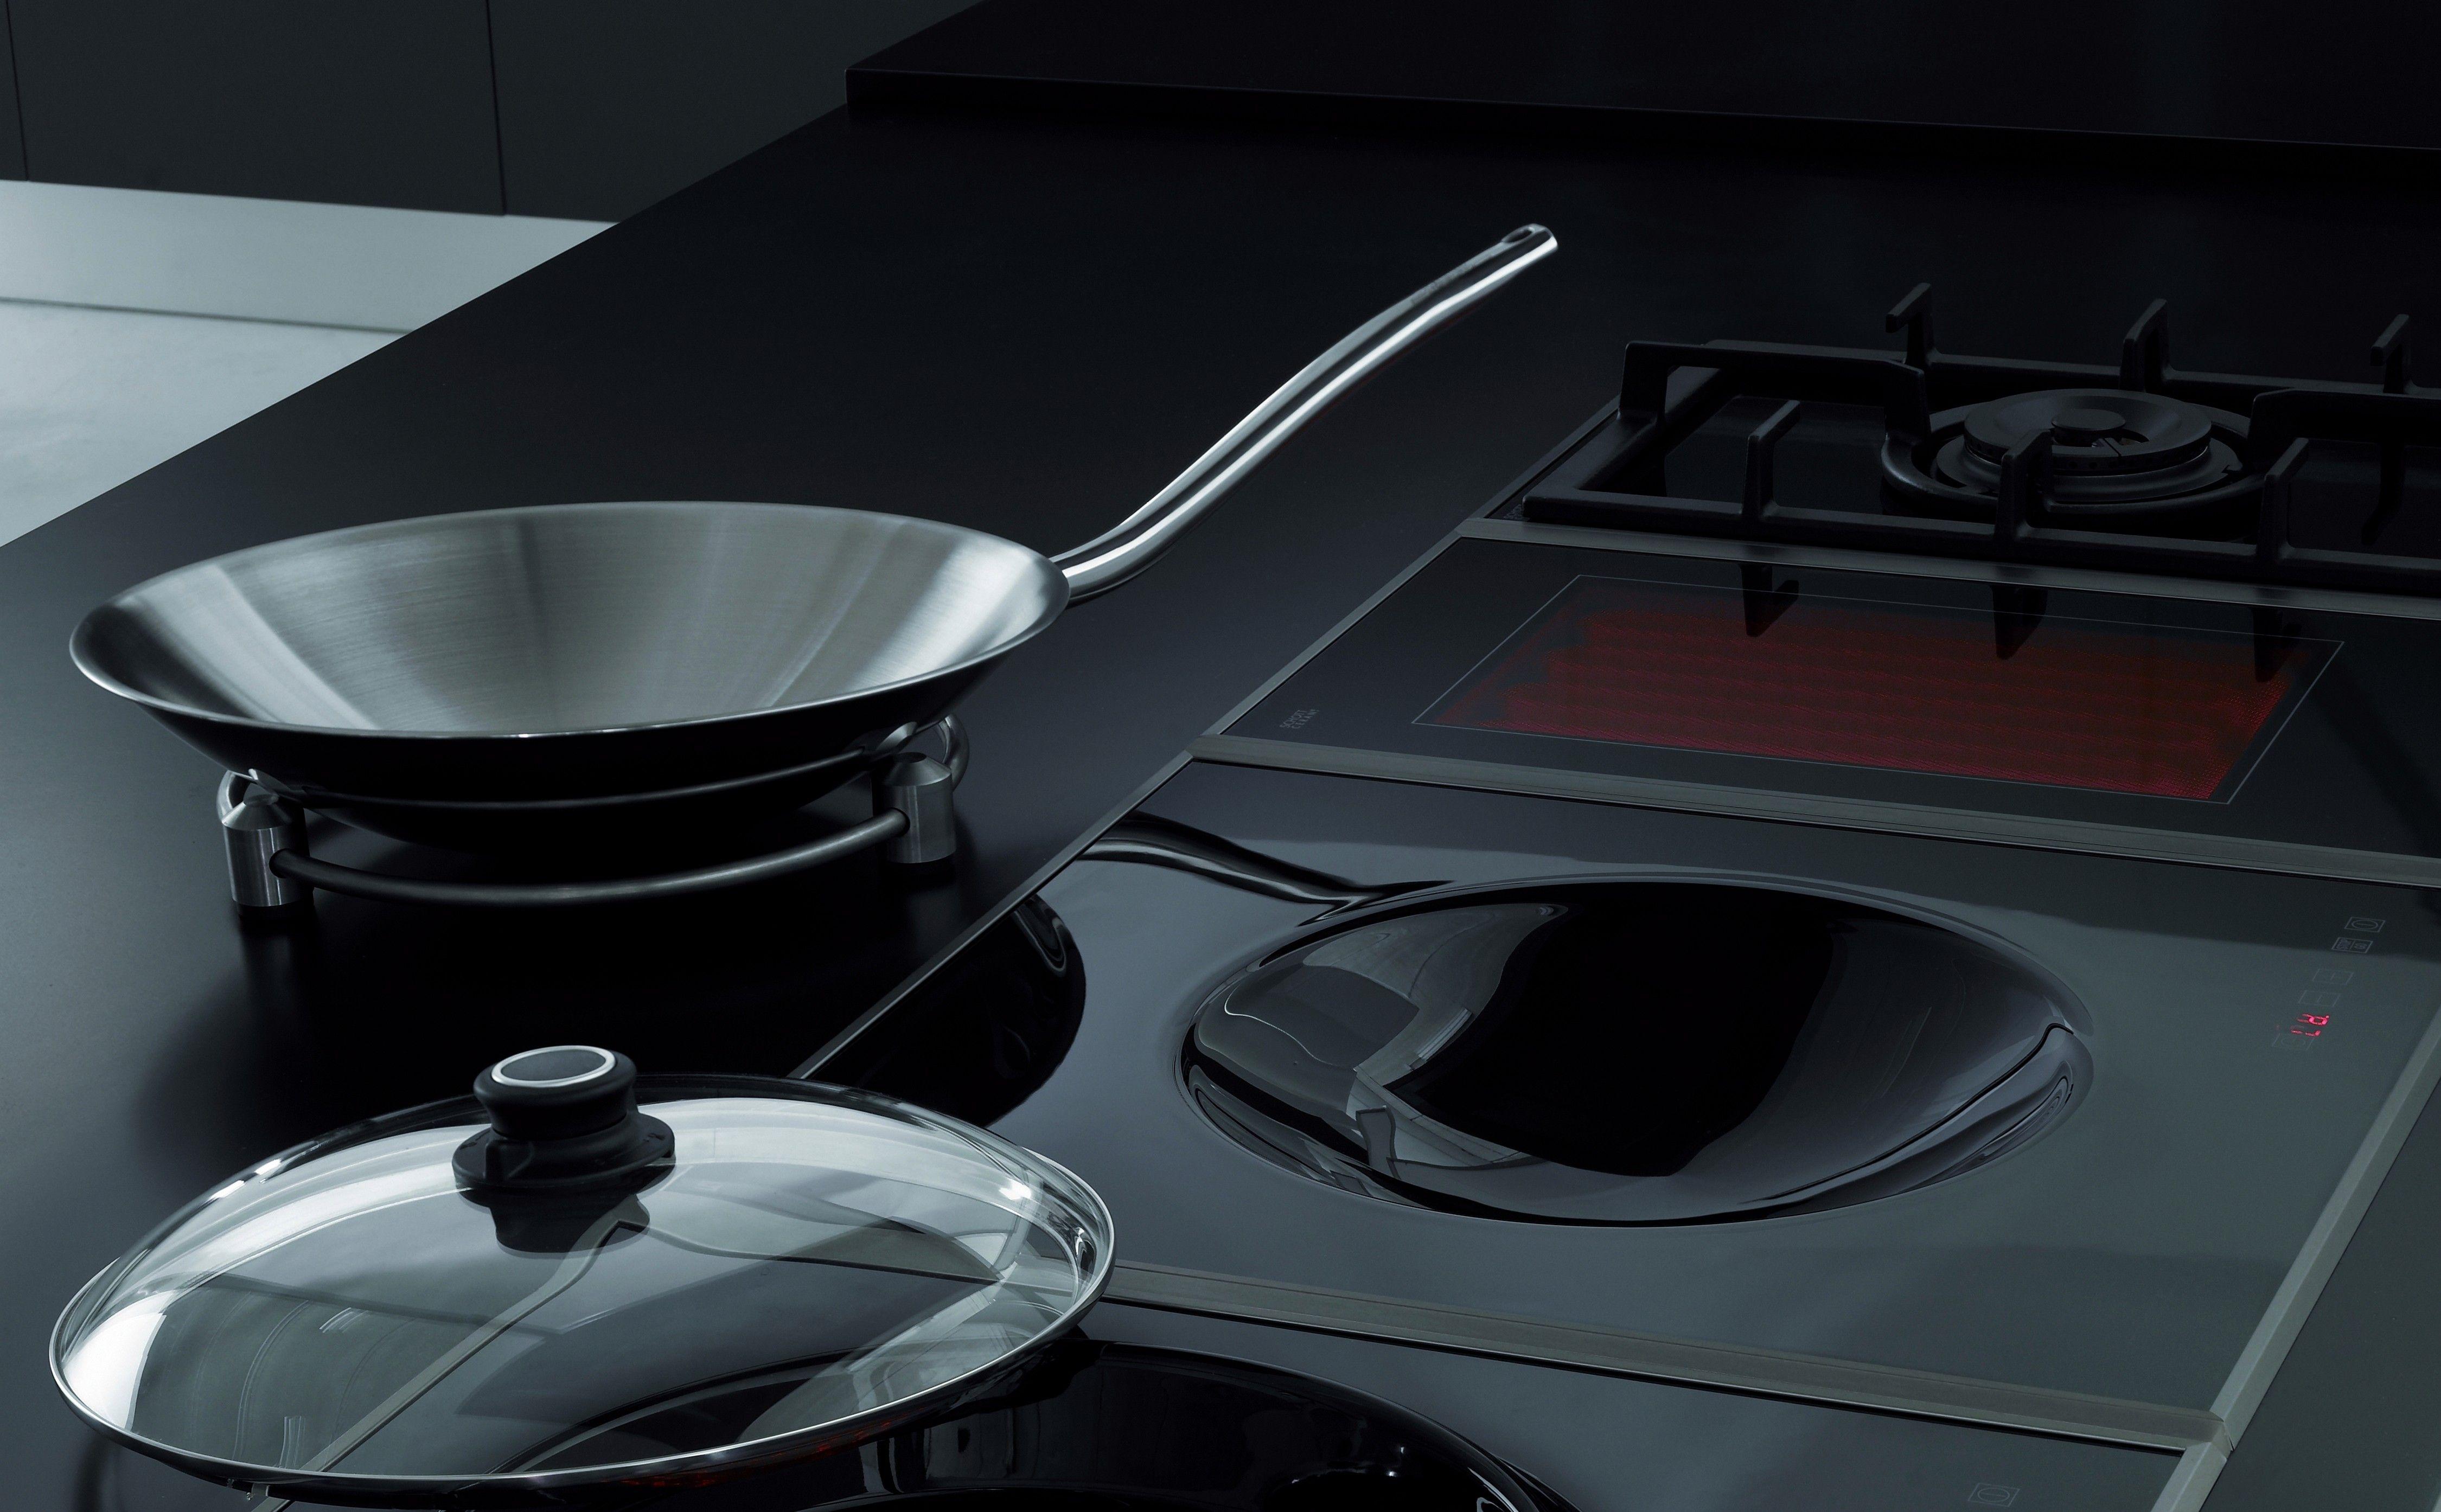 Cocinar Con Wok En Vitroceramica | Vitroceramica De Induccion Wok Placas Pinterest Cocinas